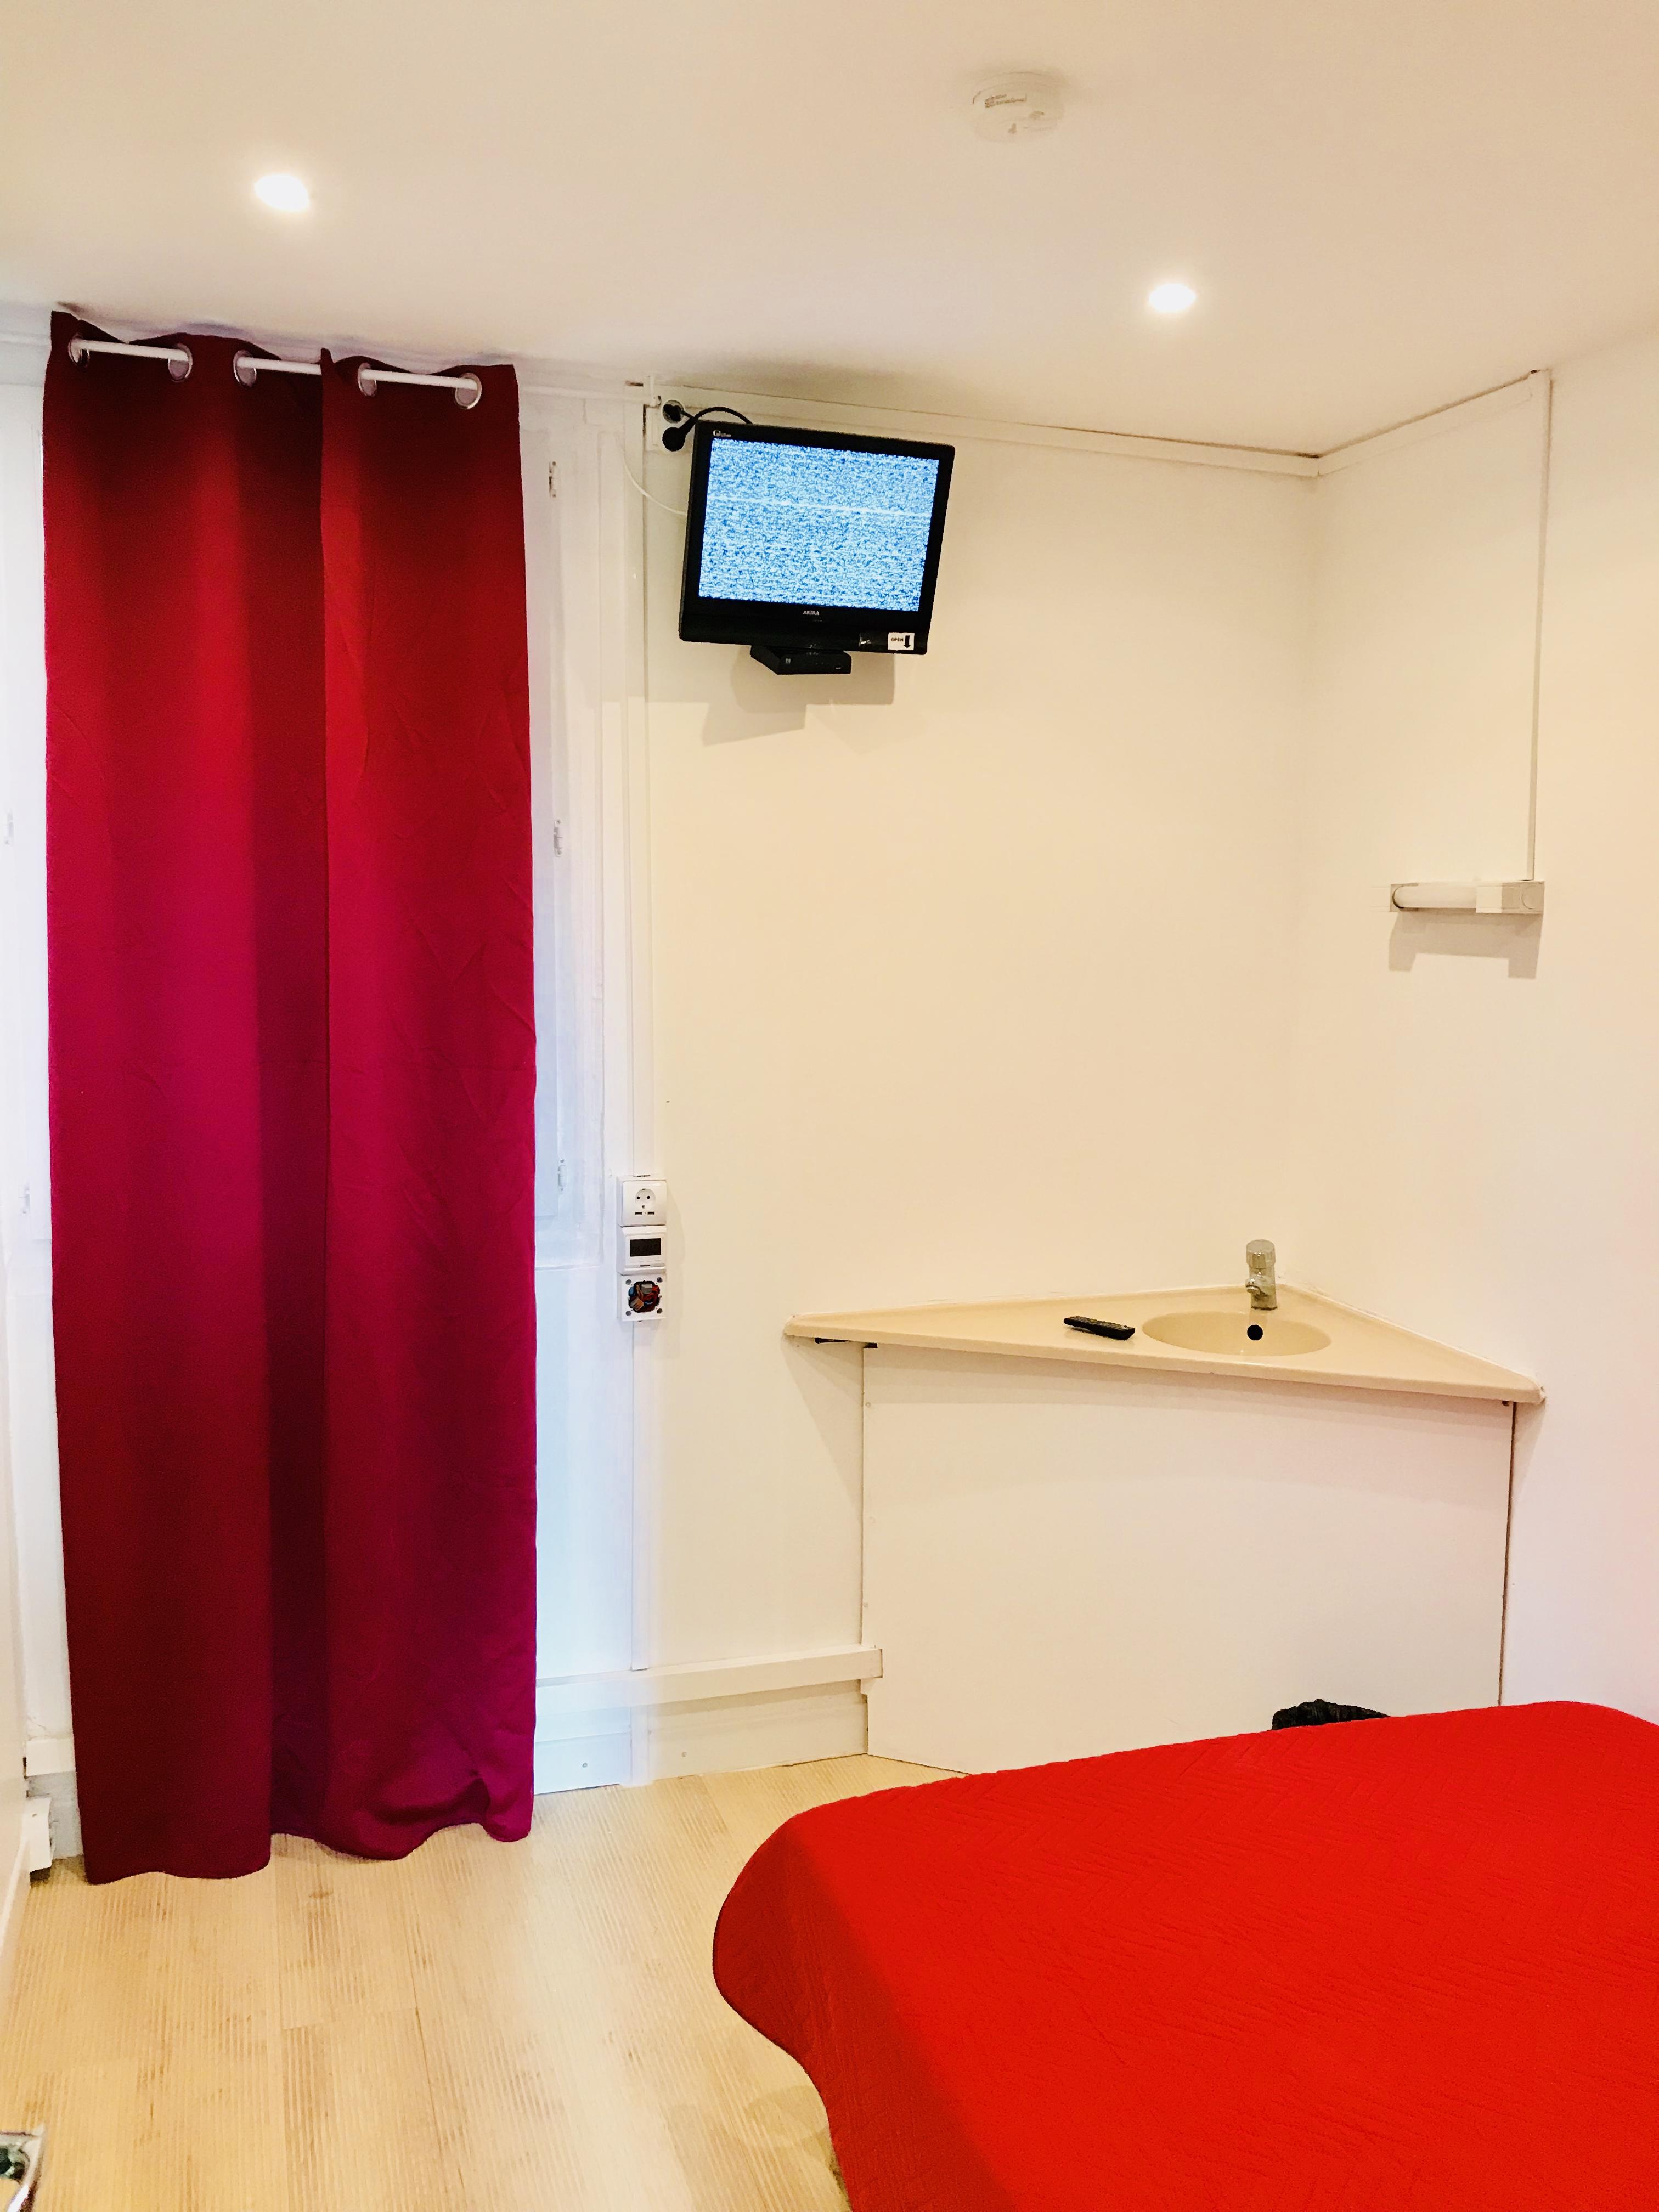 h tel le havre pas cher hotel gonfreville l orcher pas cher sandouville h tel harfleur. Black Bedroom Furniture Sets. Home Design Ideas